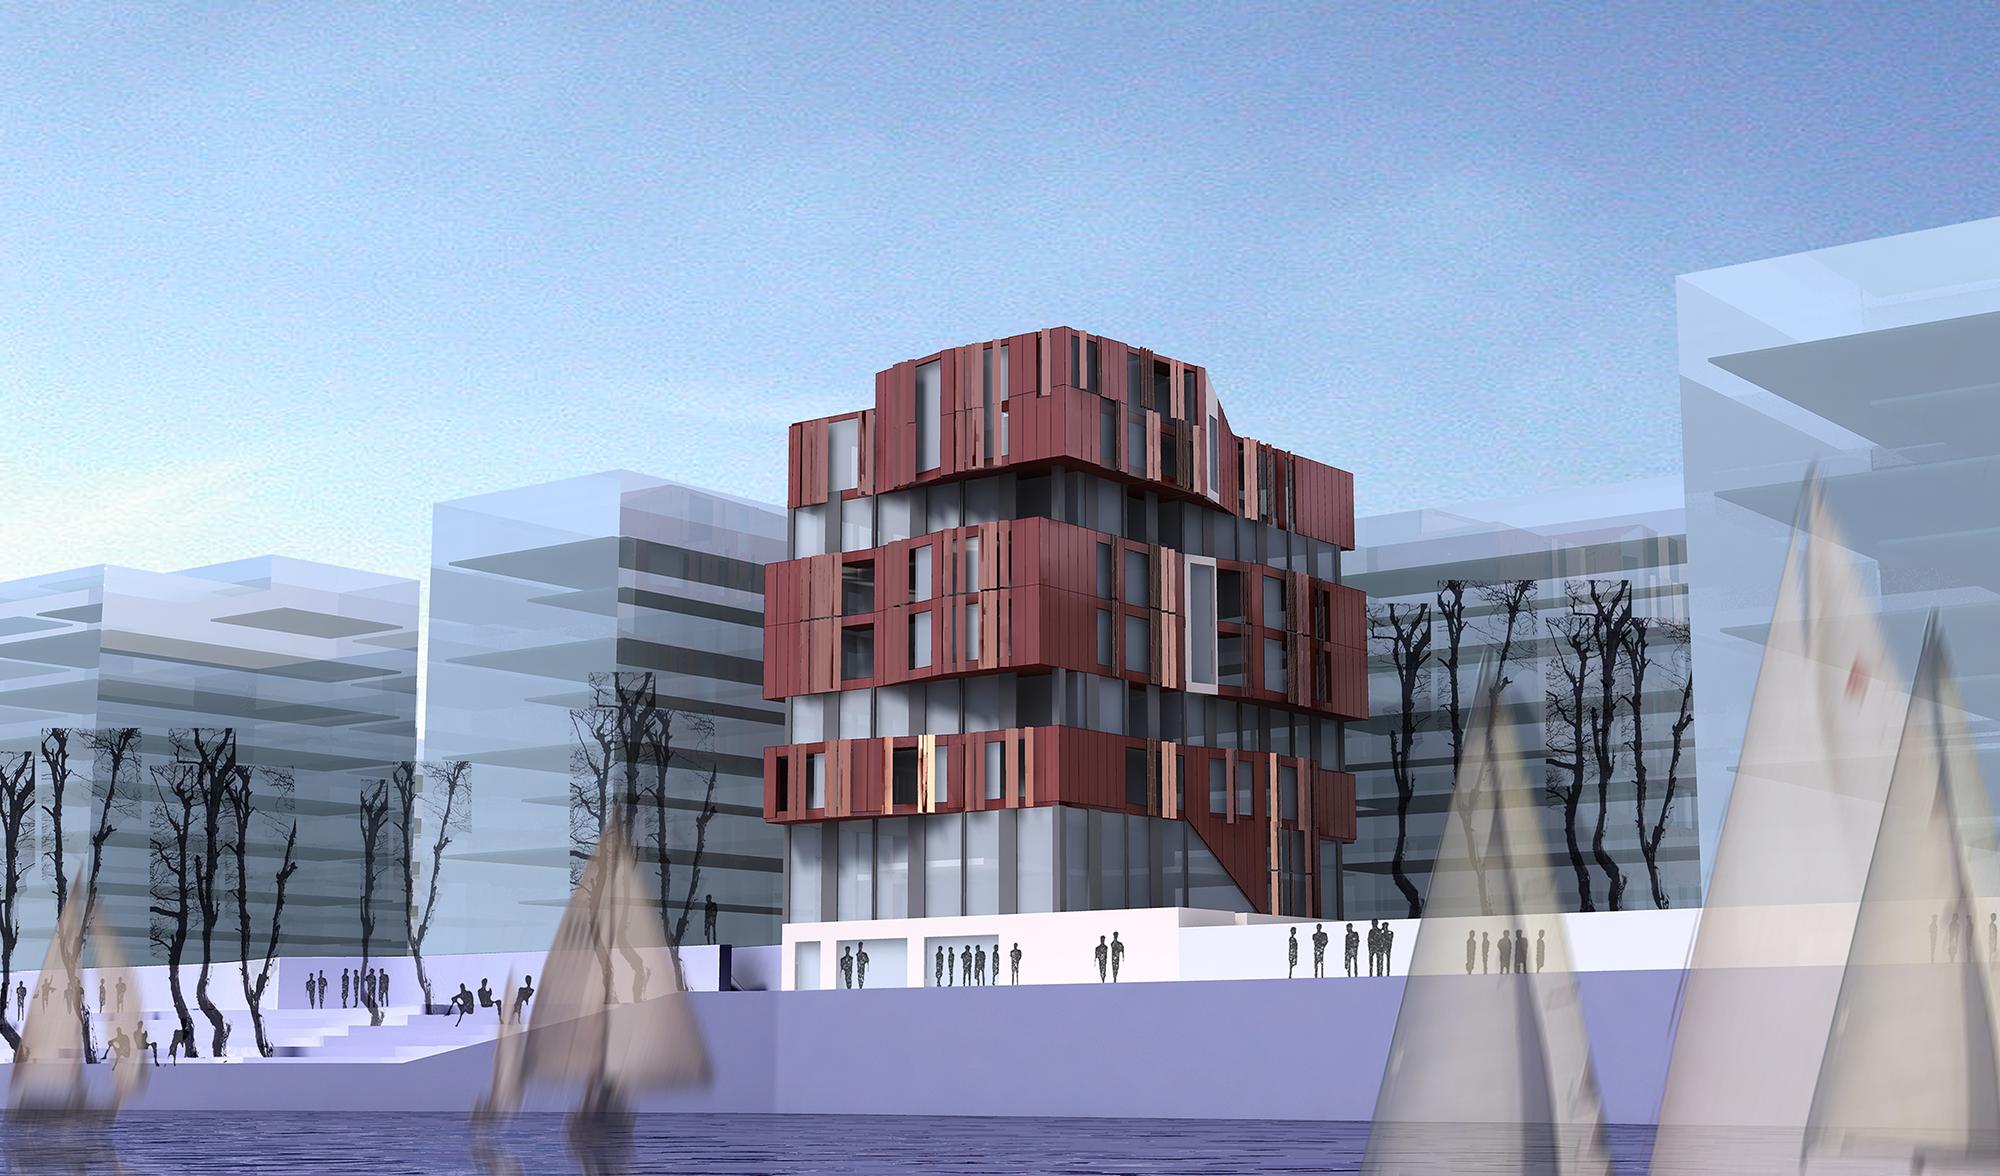 Architekten Hamburg sml architekten hafencity baufeld 21 hamburg homebase2